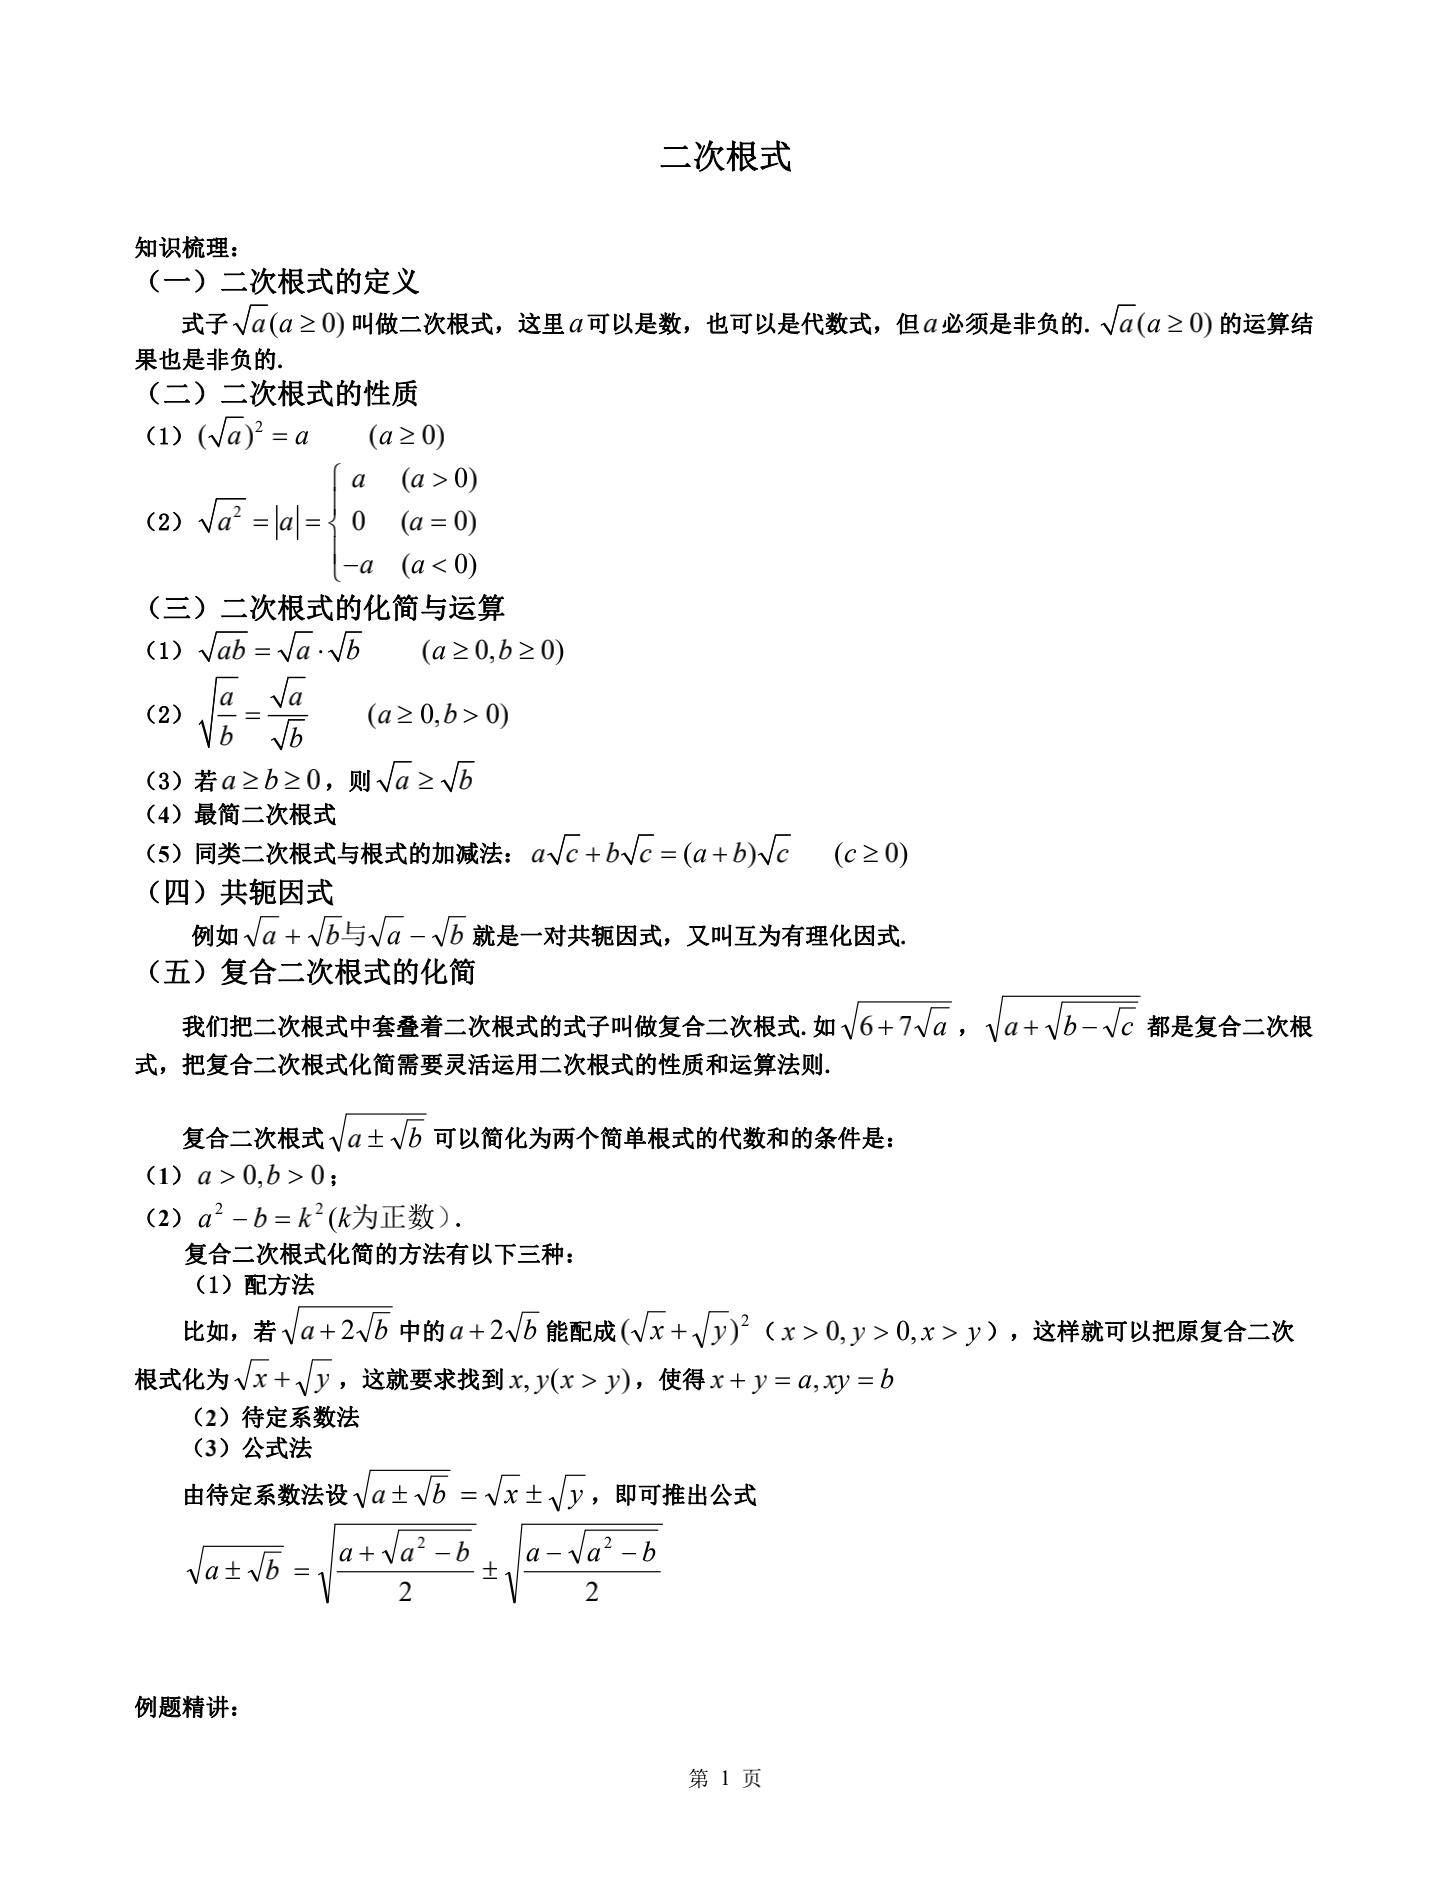 二次根式1